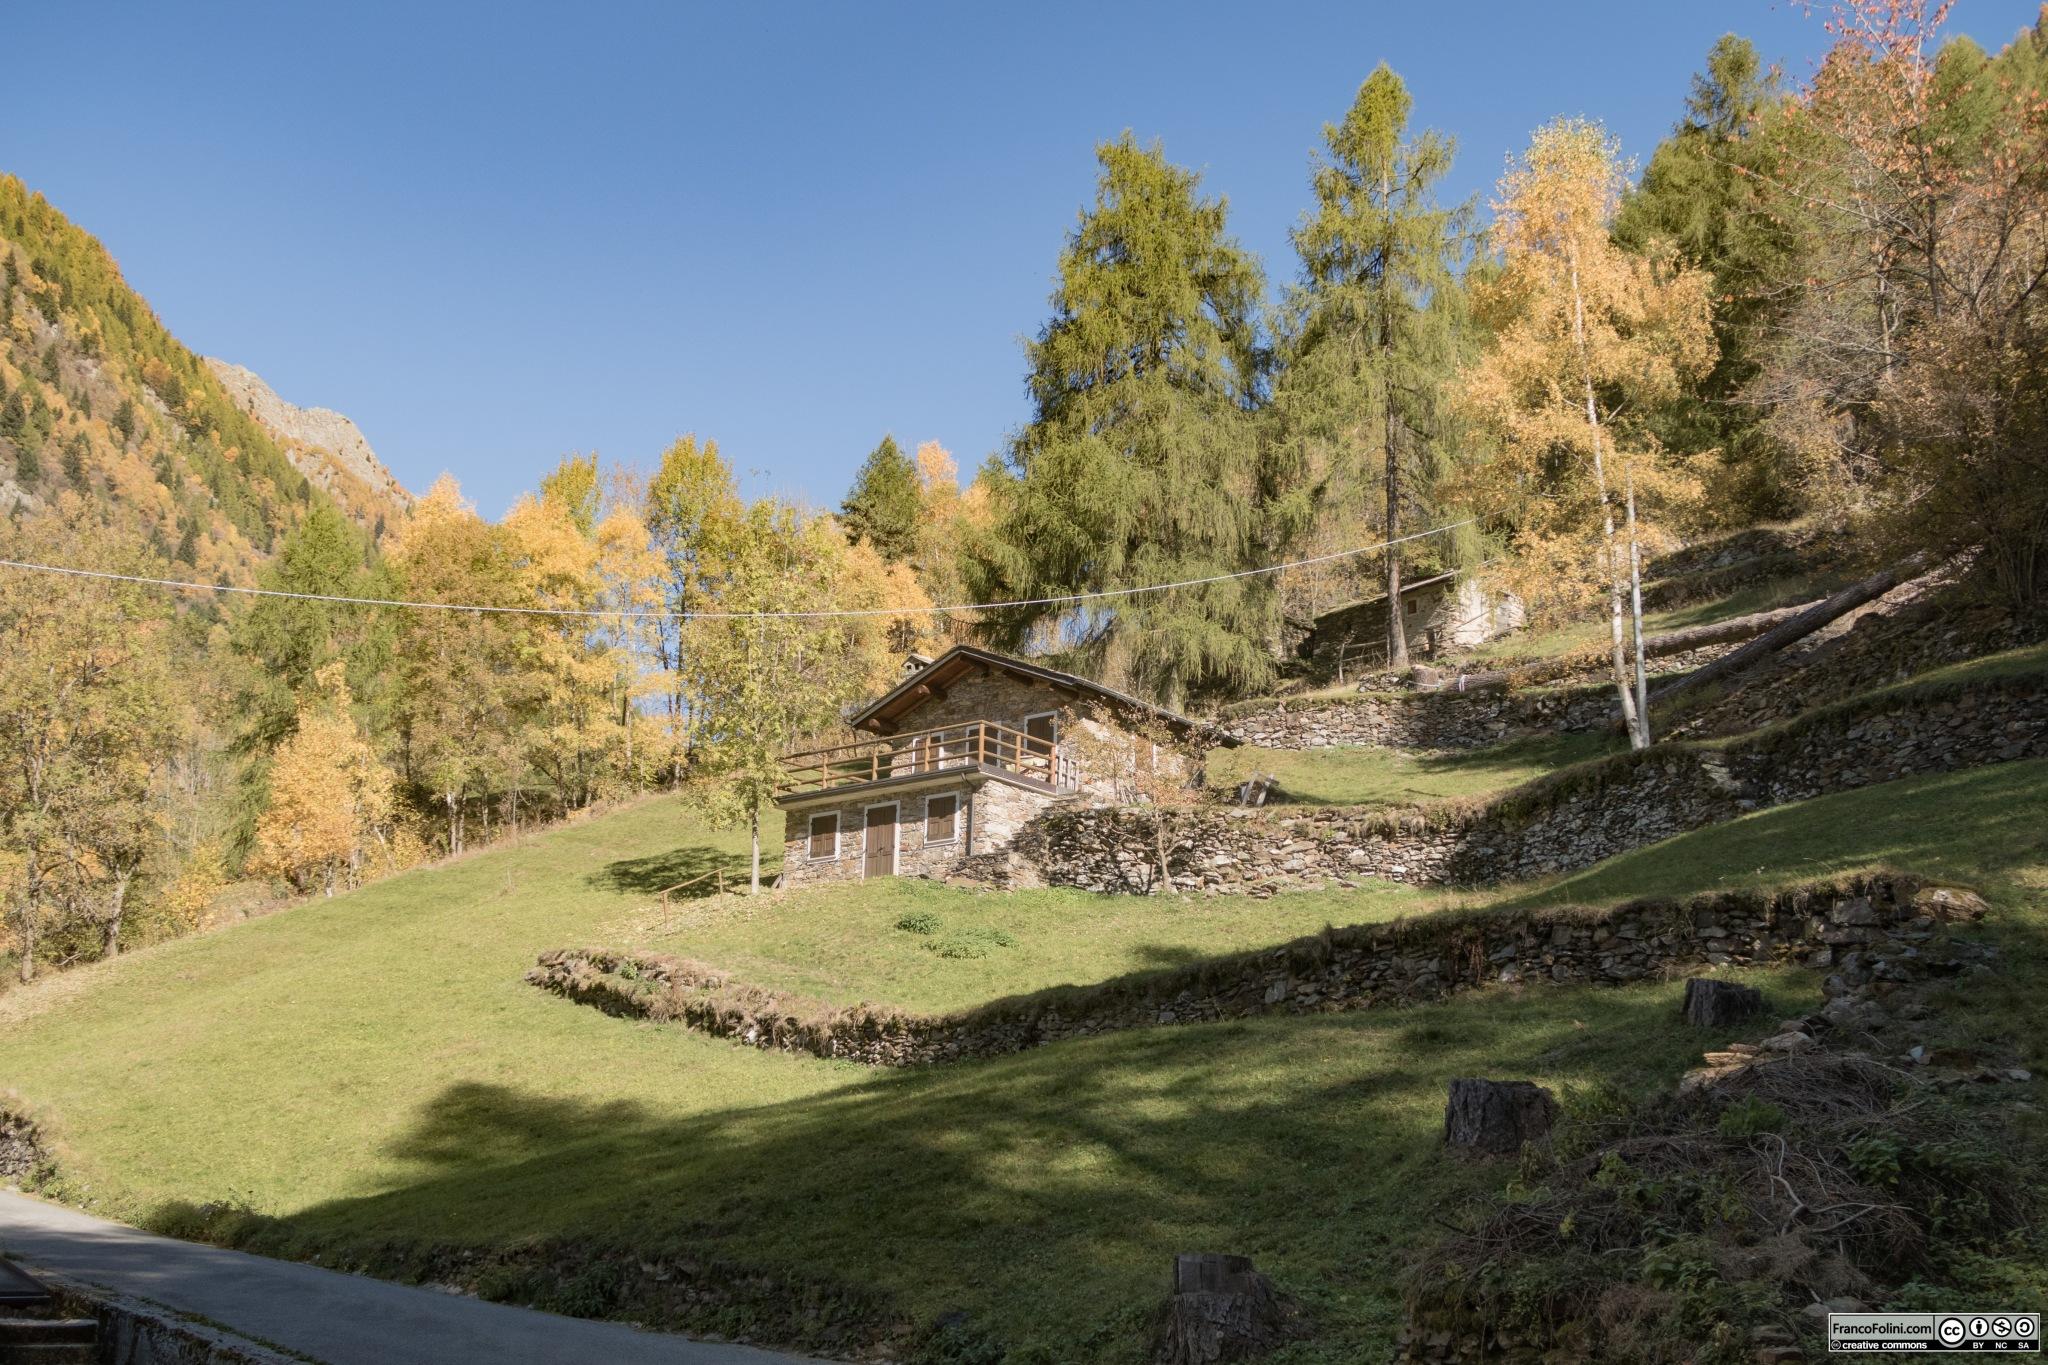 percorrendo la vallesi incontrano tante casette che sono state ricavate da antichi fienili e case dei pastori